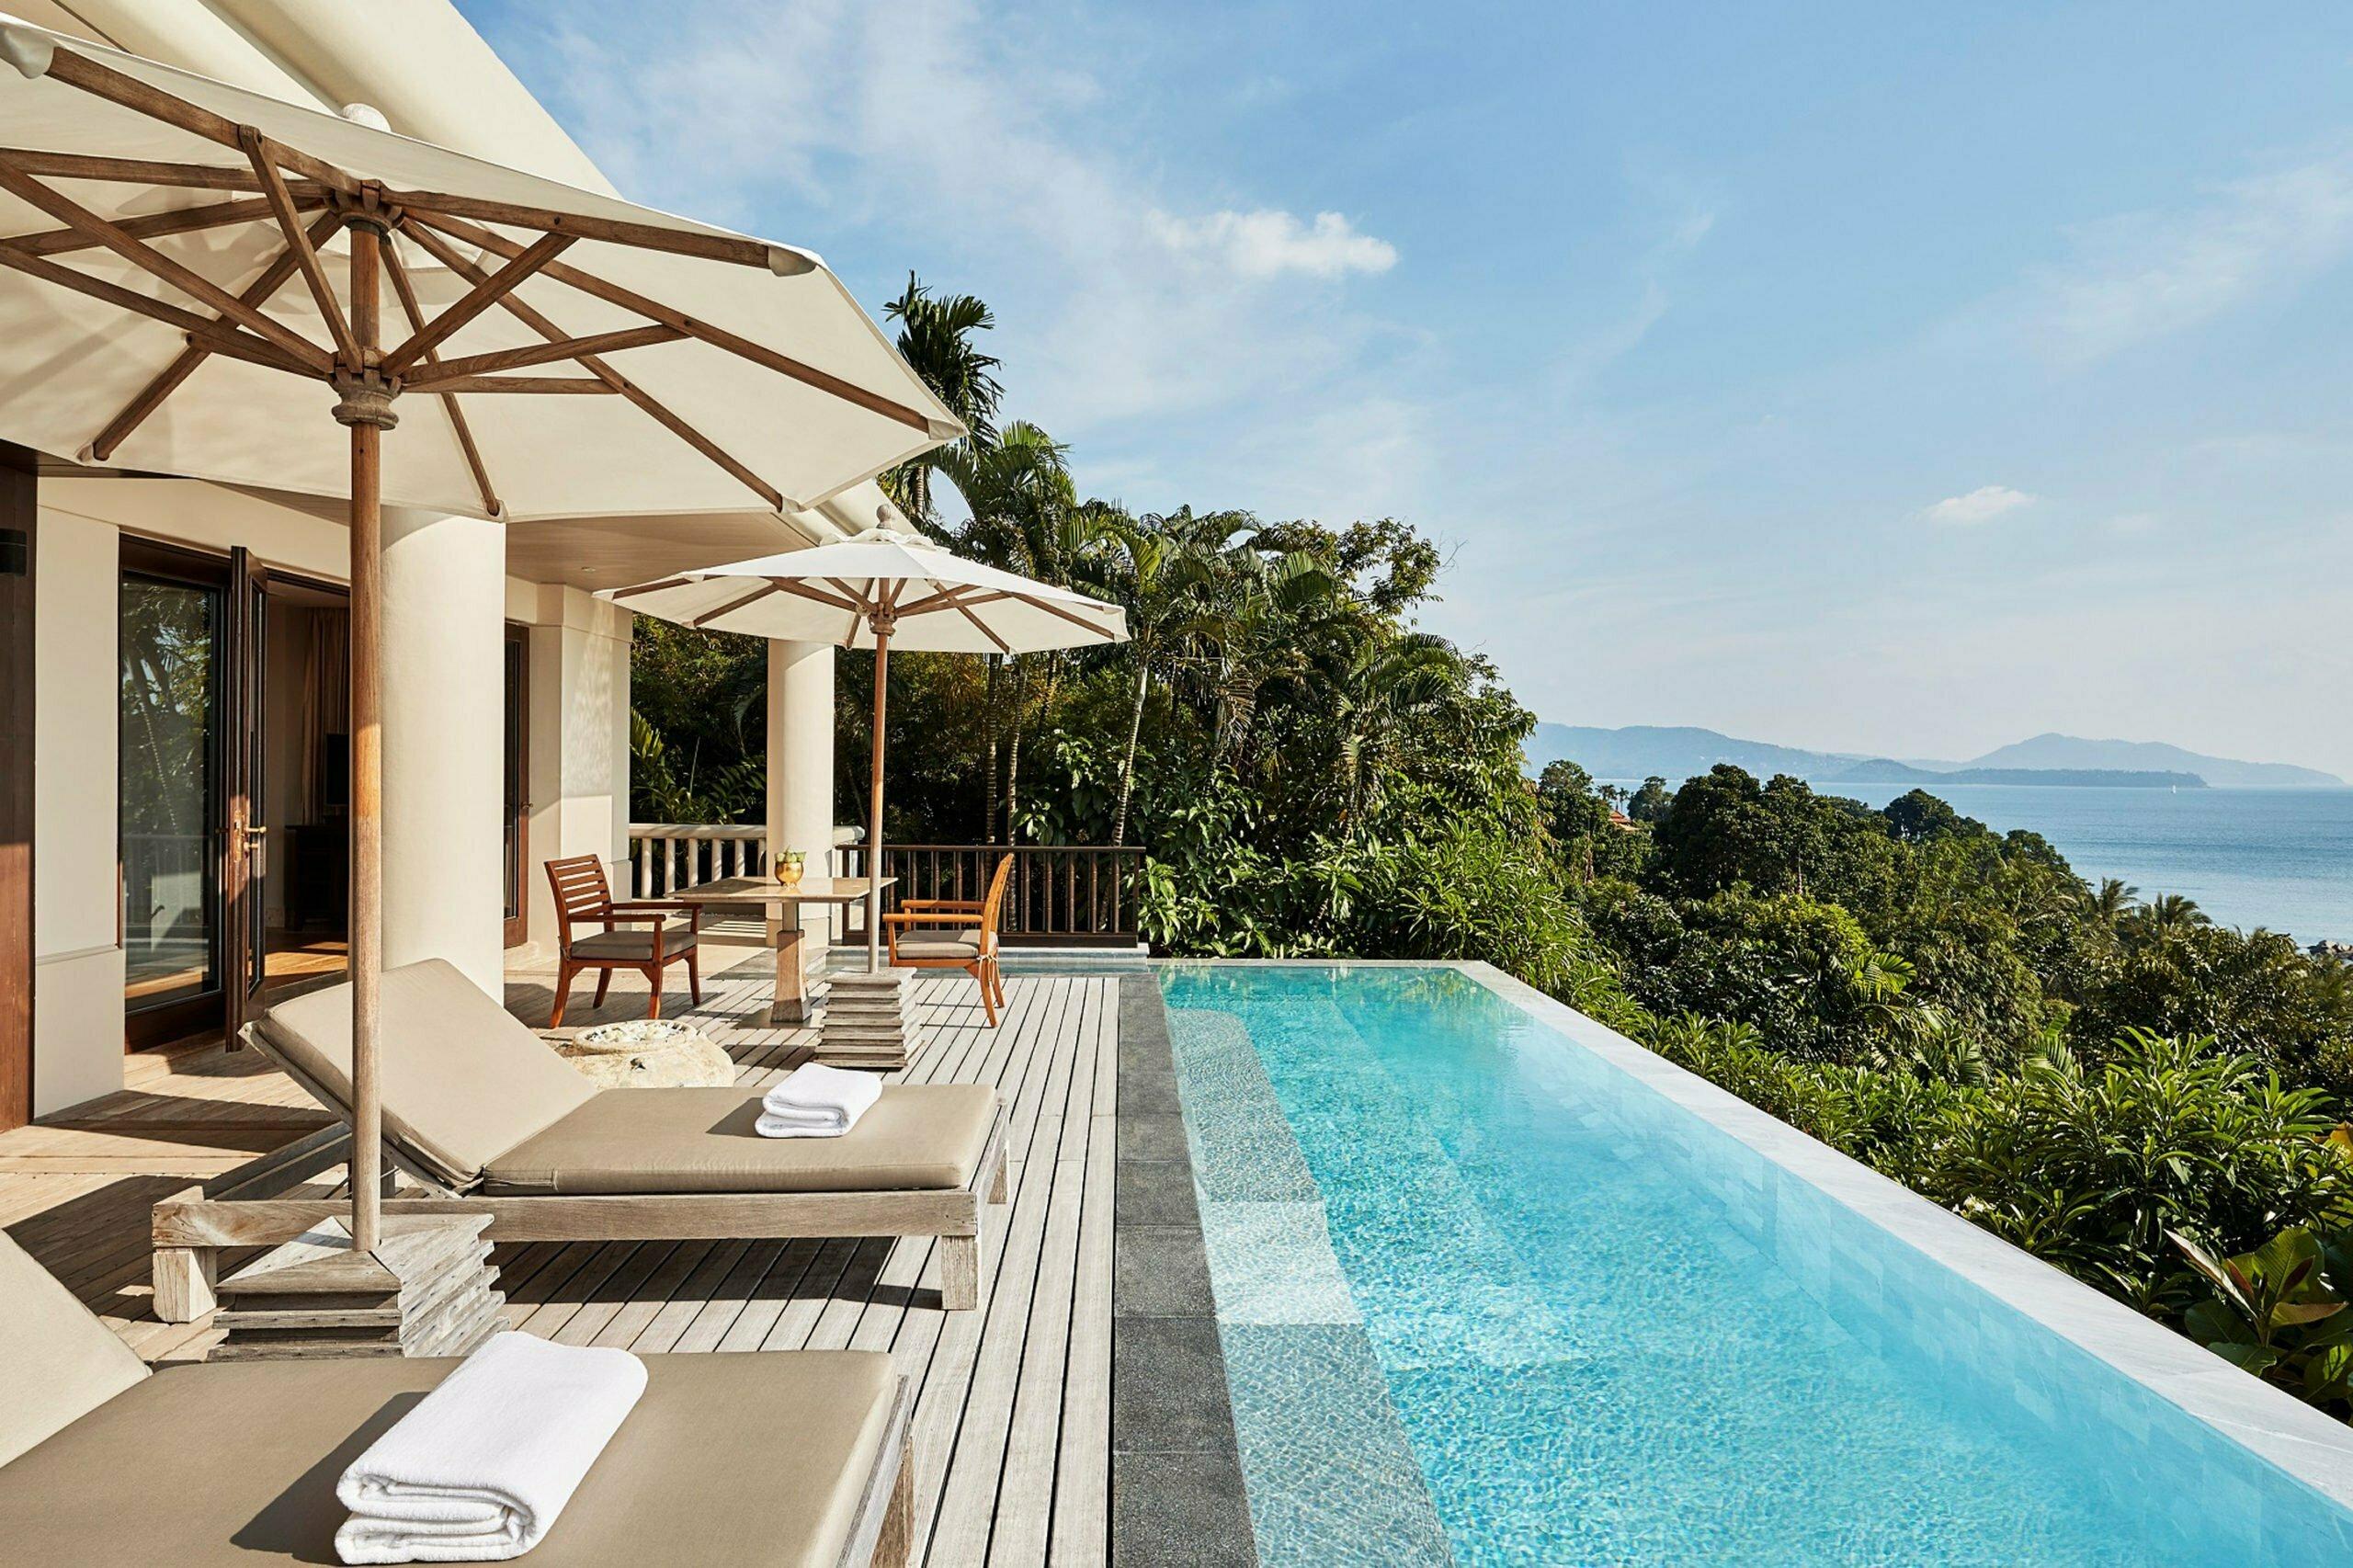 Trisara l Signature Ocean View Pool Suite